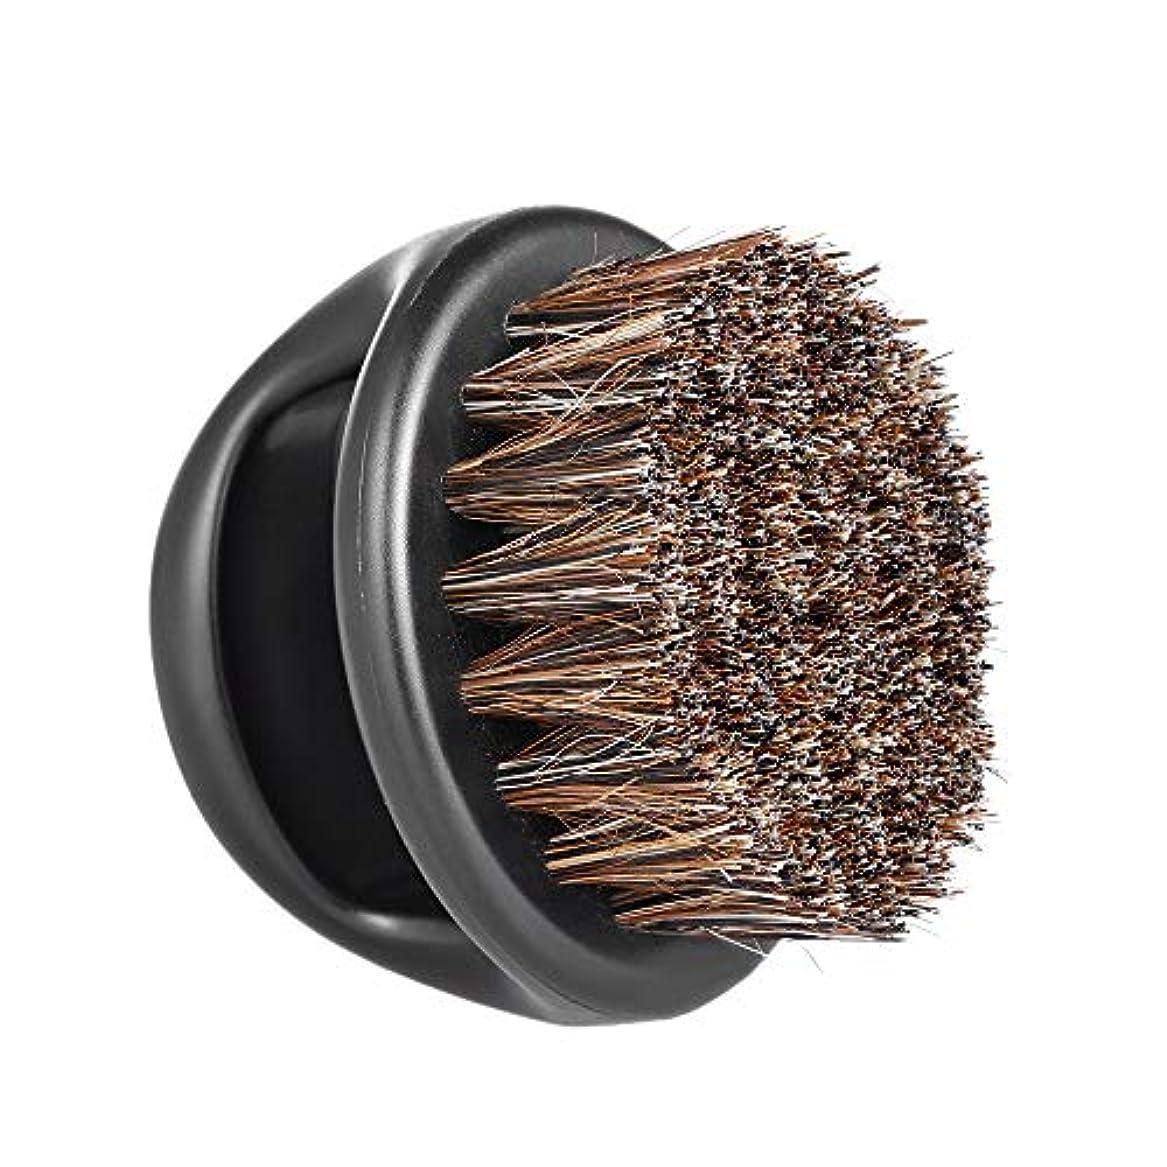 市区町村置き場航海のMen's Beard Brush Facial Hair Comb Barber Neck Face Duster Hair Sweep Brush Mustache Shaving Brush for Hairdressing...